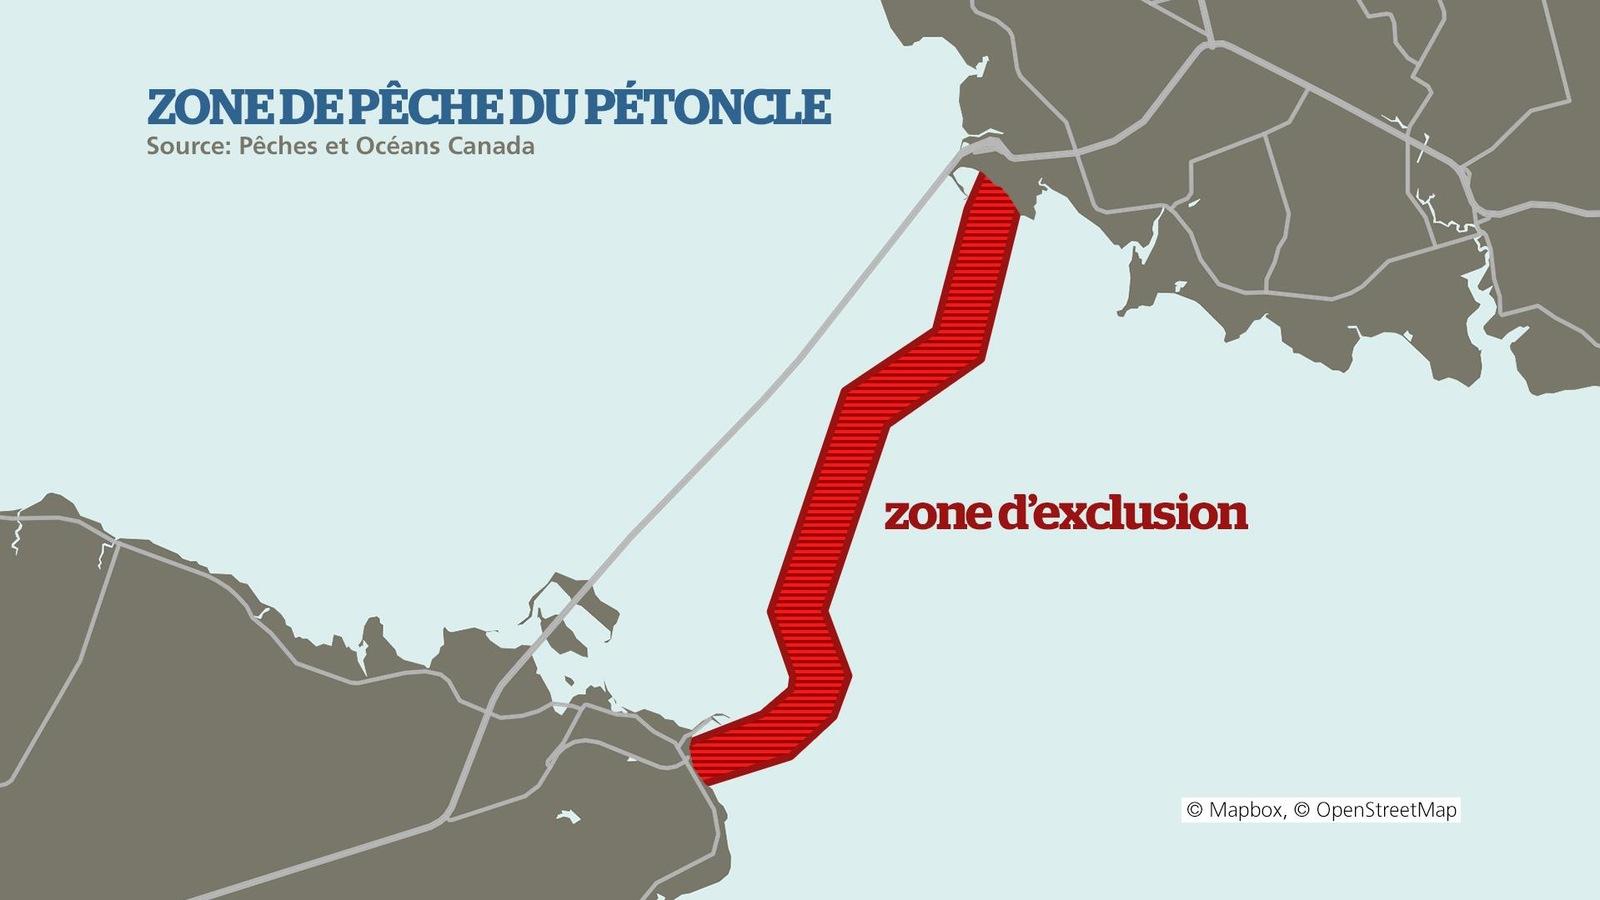 La zone d'exclusion relie le Nouveau-Brunswick à l'Île-du-Prince-Édouard, dans la zone de pêche 22.